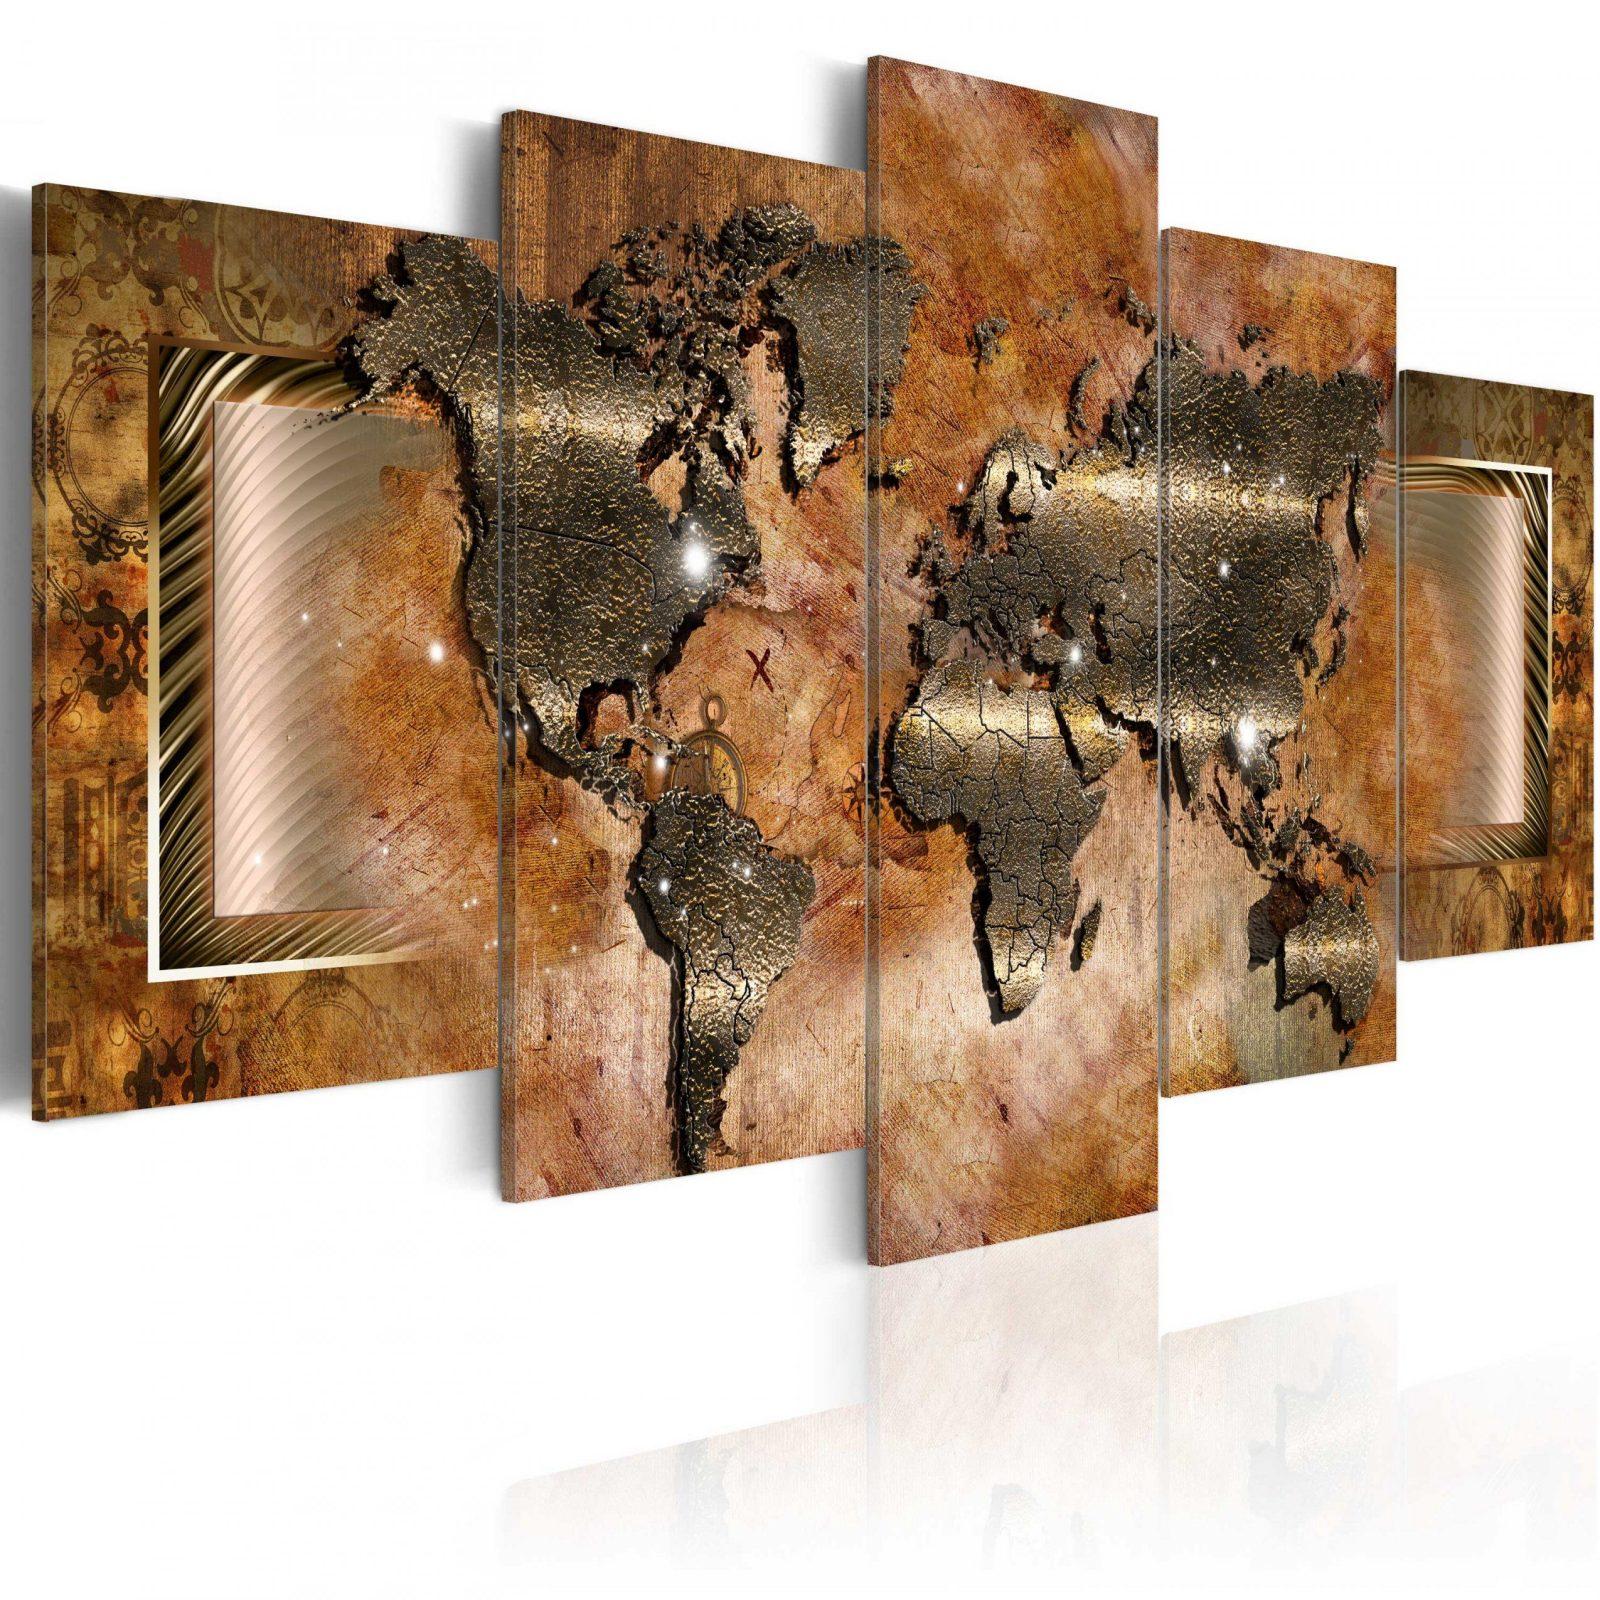 Leinwand Bilder Xxl  Kunstdruck  Bild  Weltkarte Abstrakt Braun von Leinwandbilder Xxl 5 Teilig Photo